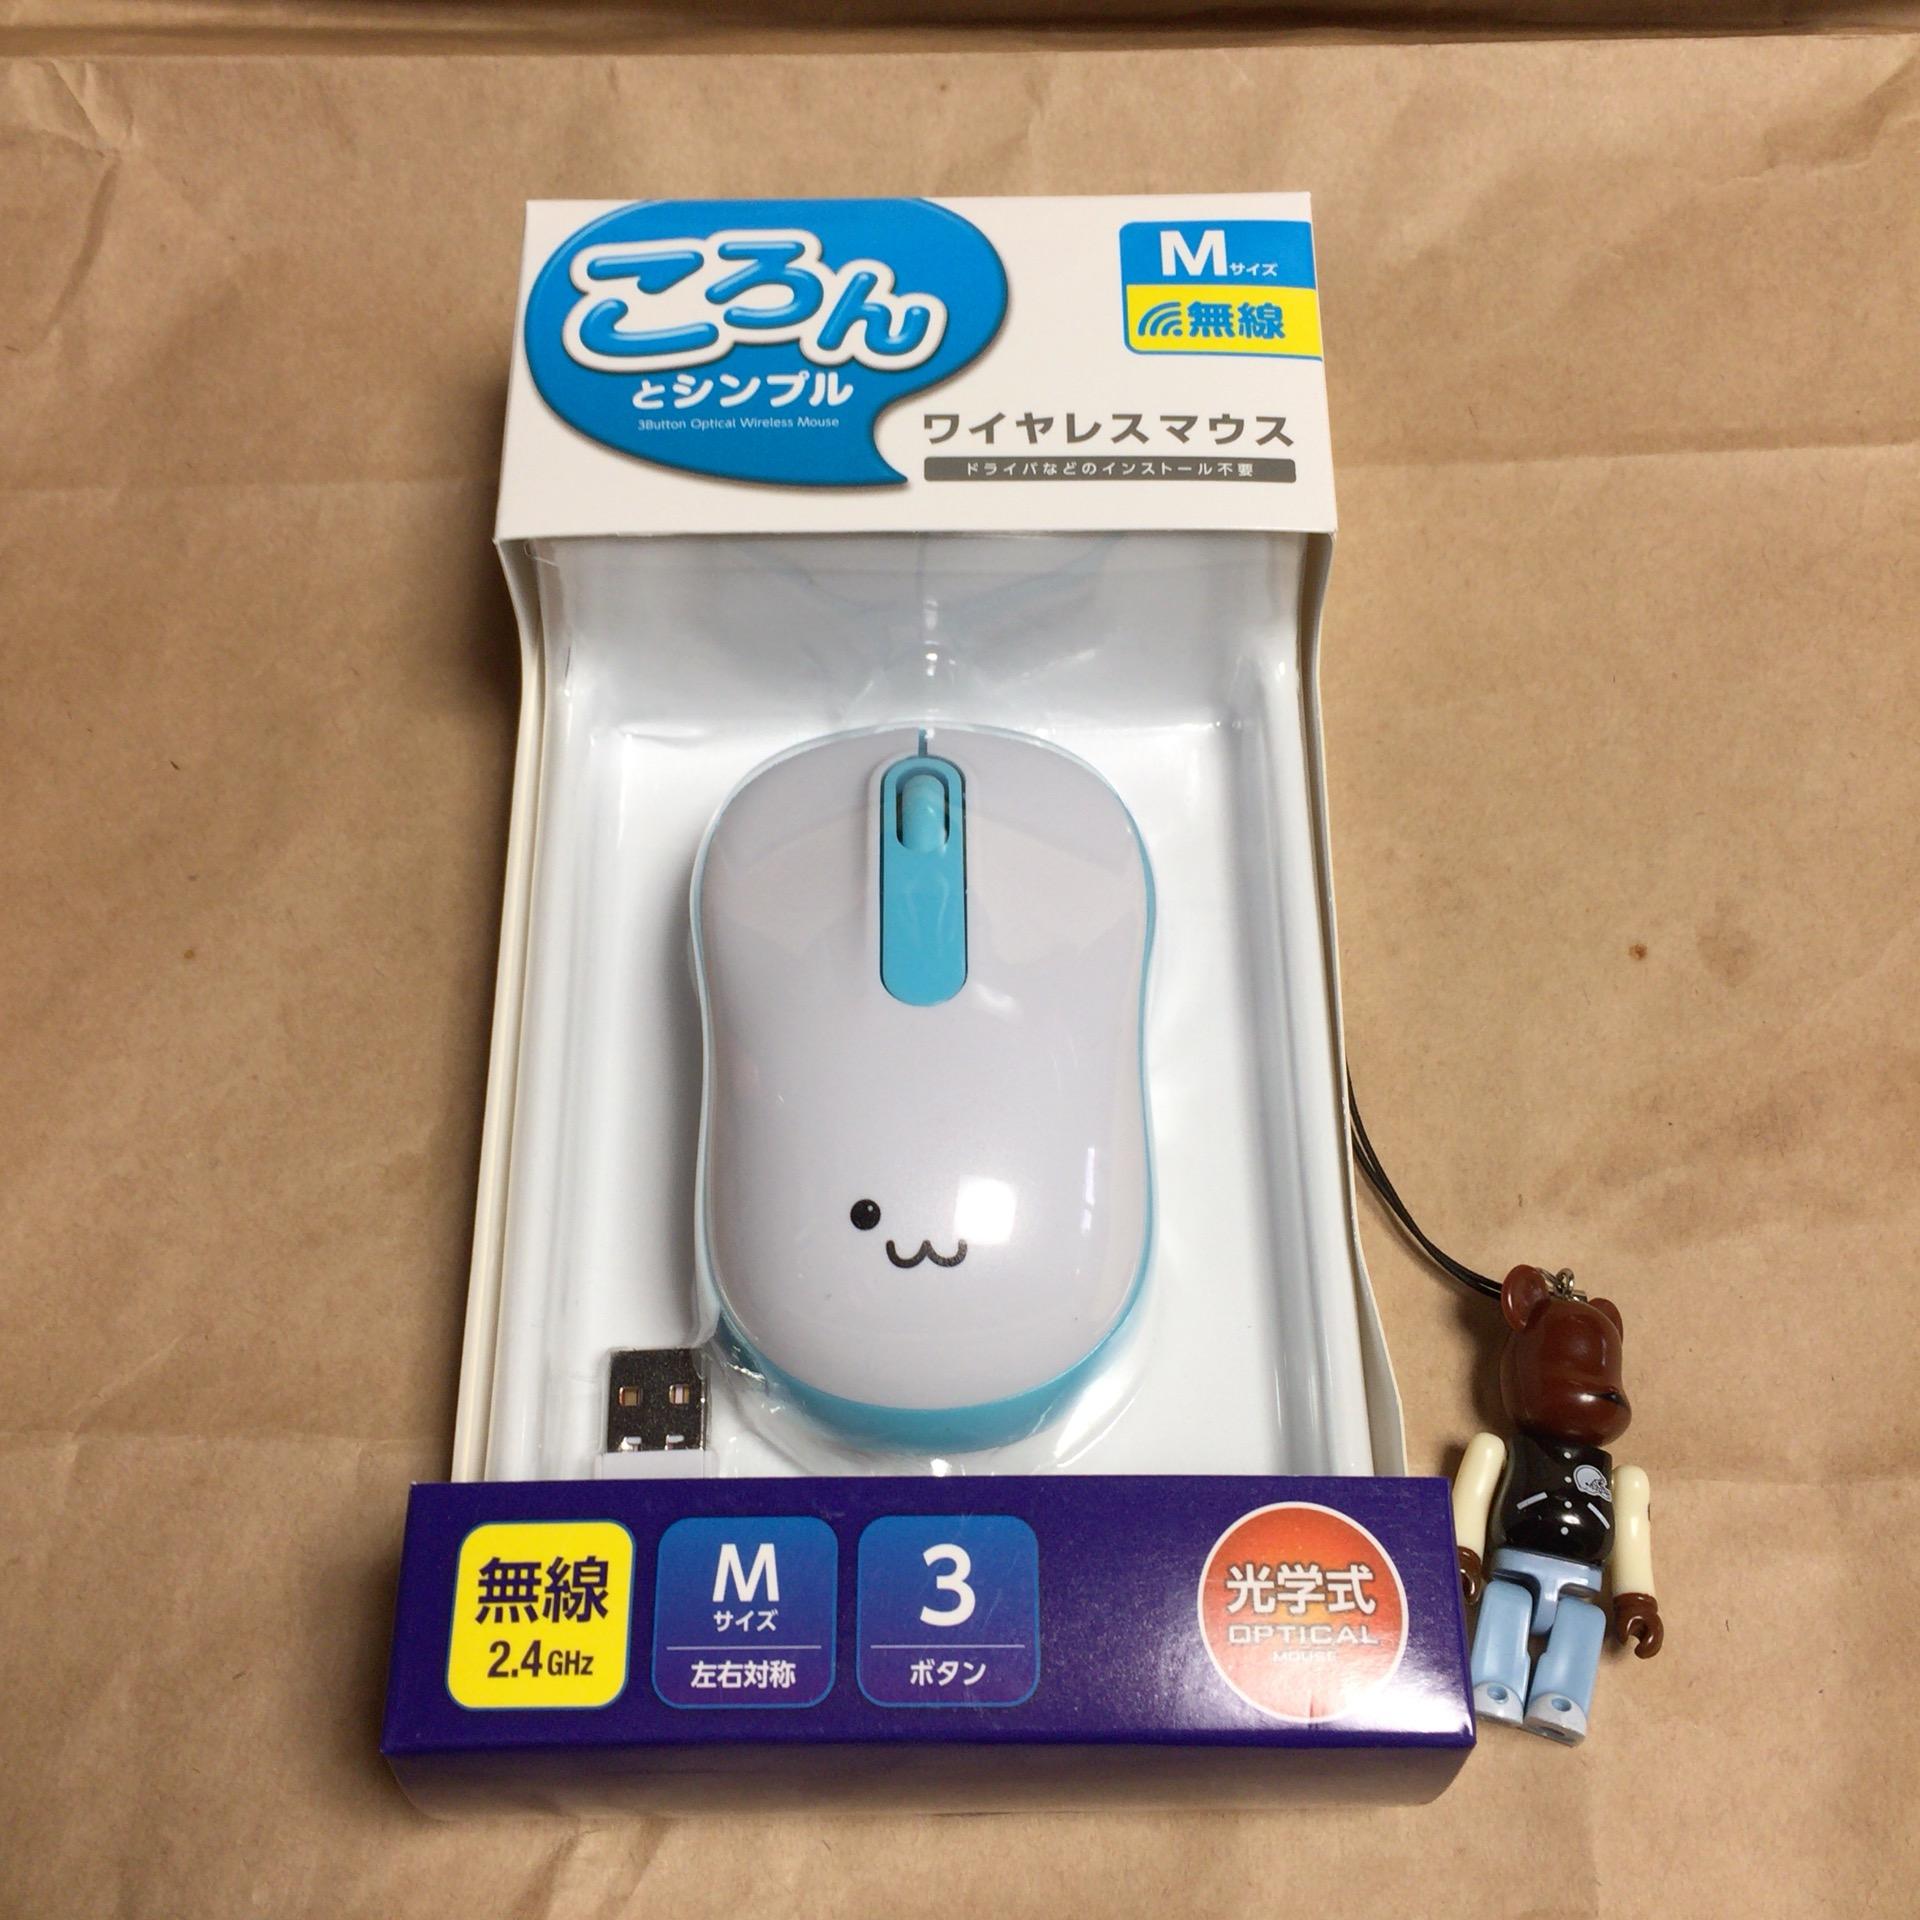 マウスは有線派ですか?無線派ですか? このワイヤレスマウスはおすすめ!の記事の画像